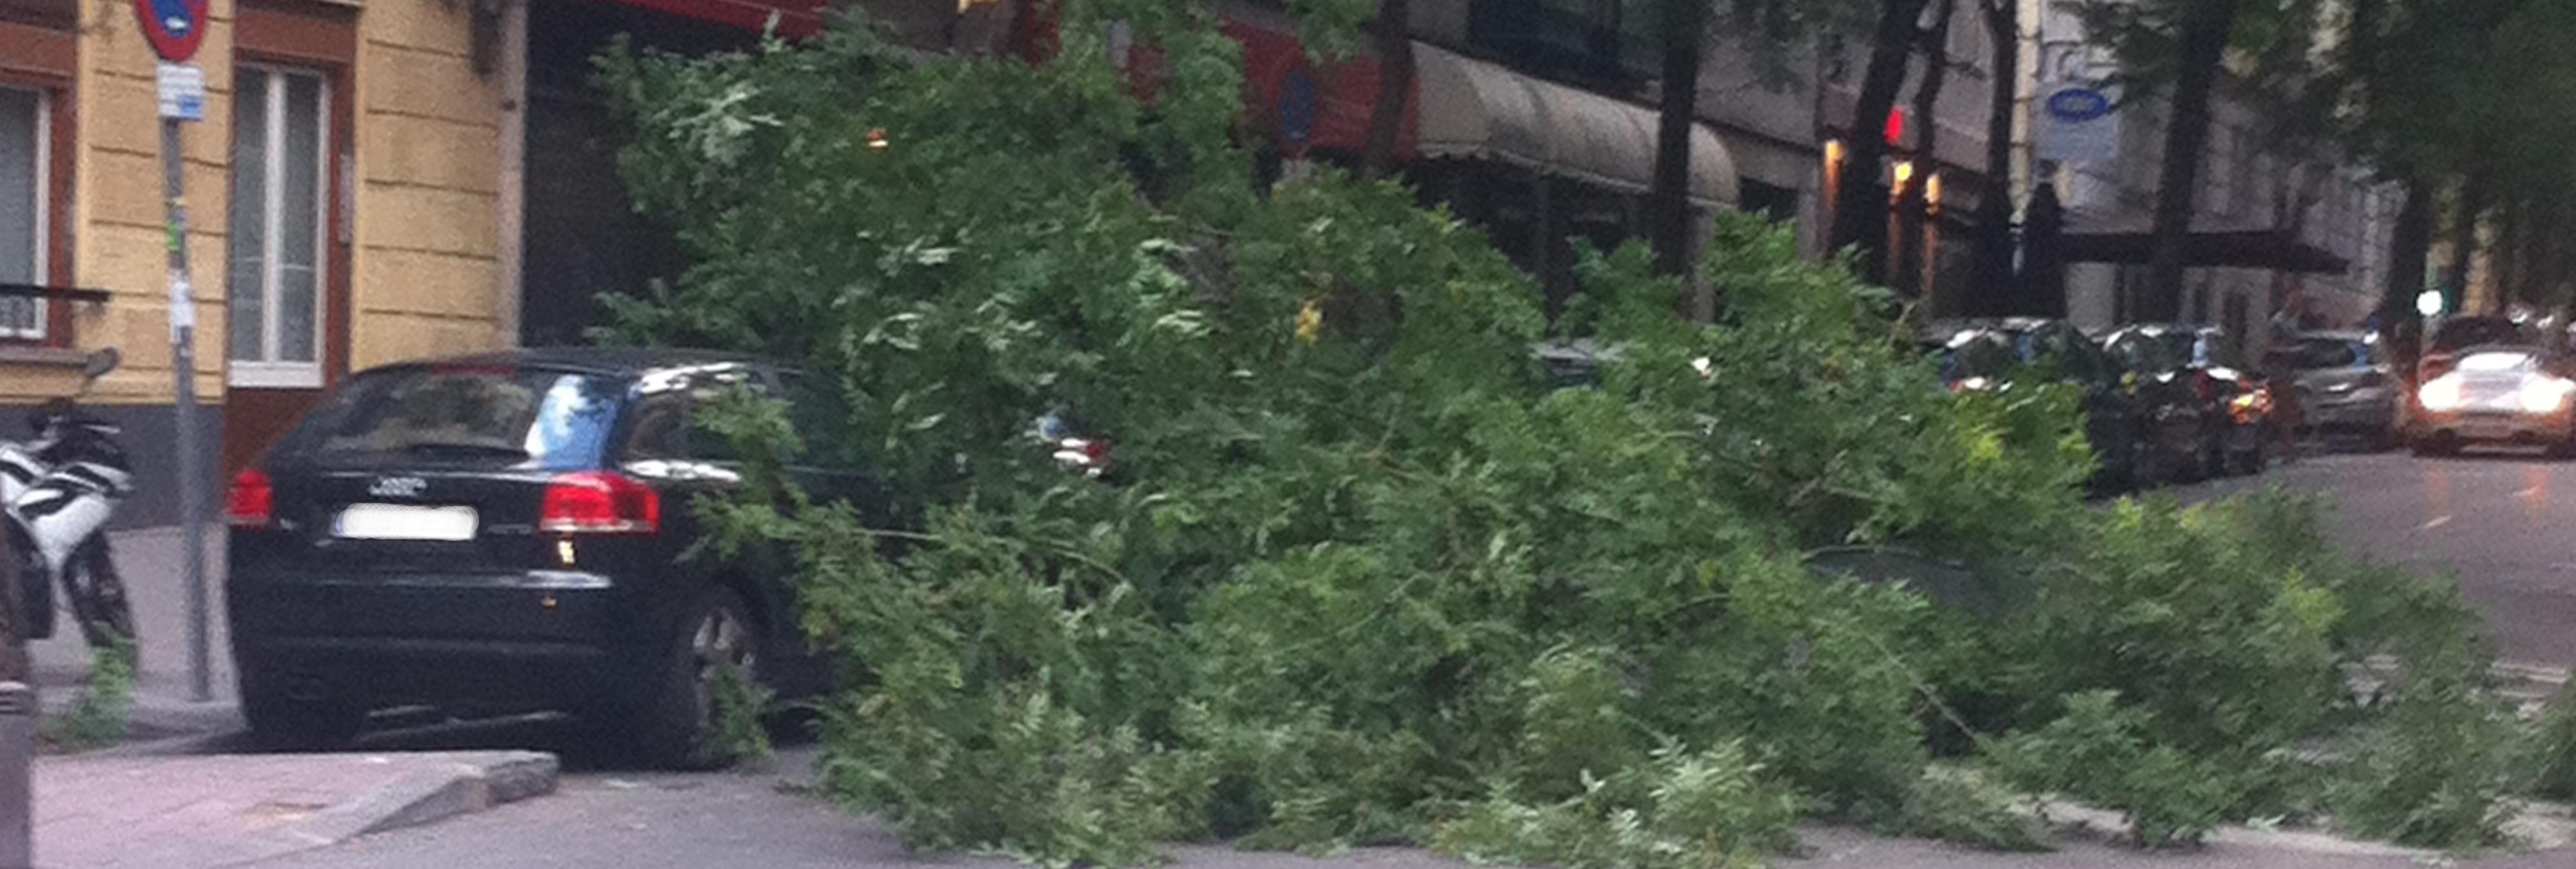 Ana Botella no ha solucionado el problema de la caída de árboles en Madrid